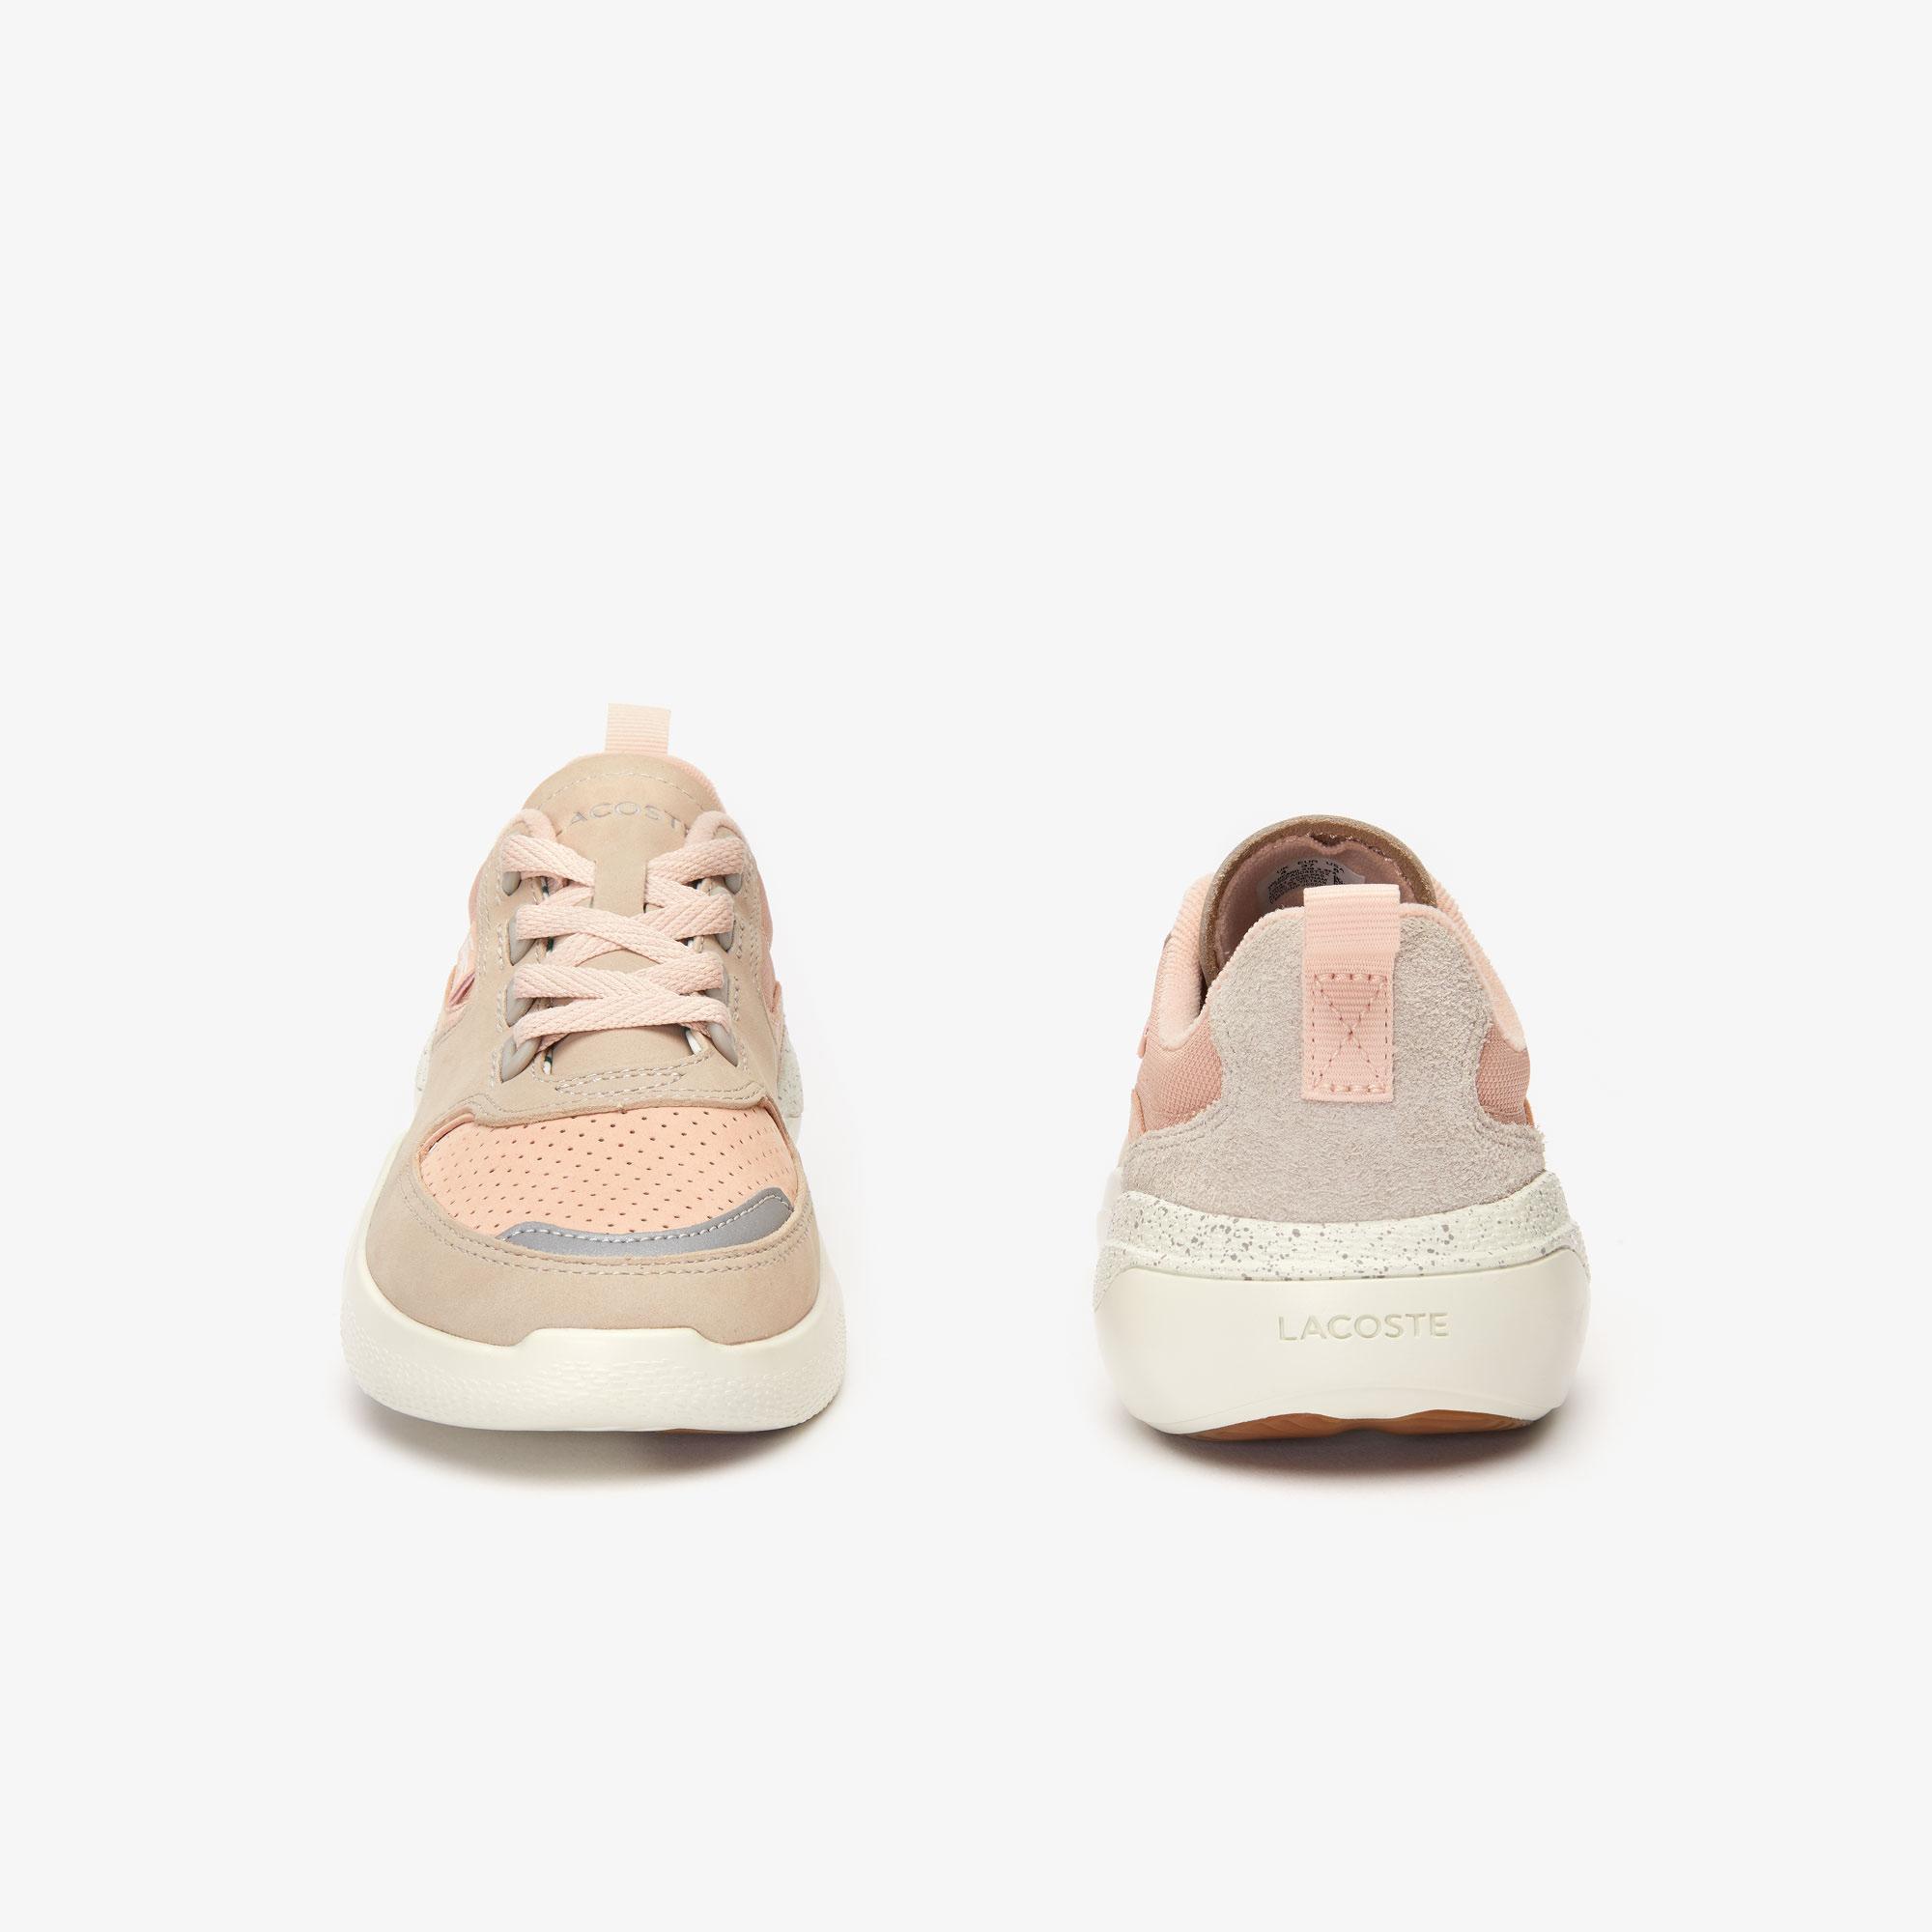 Lacoste Wildcard 319 3 Damskie Sneaker